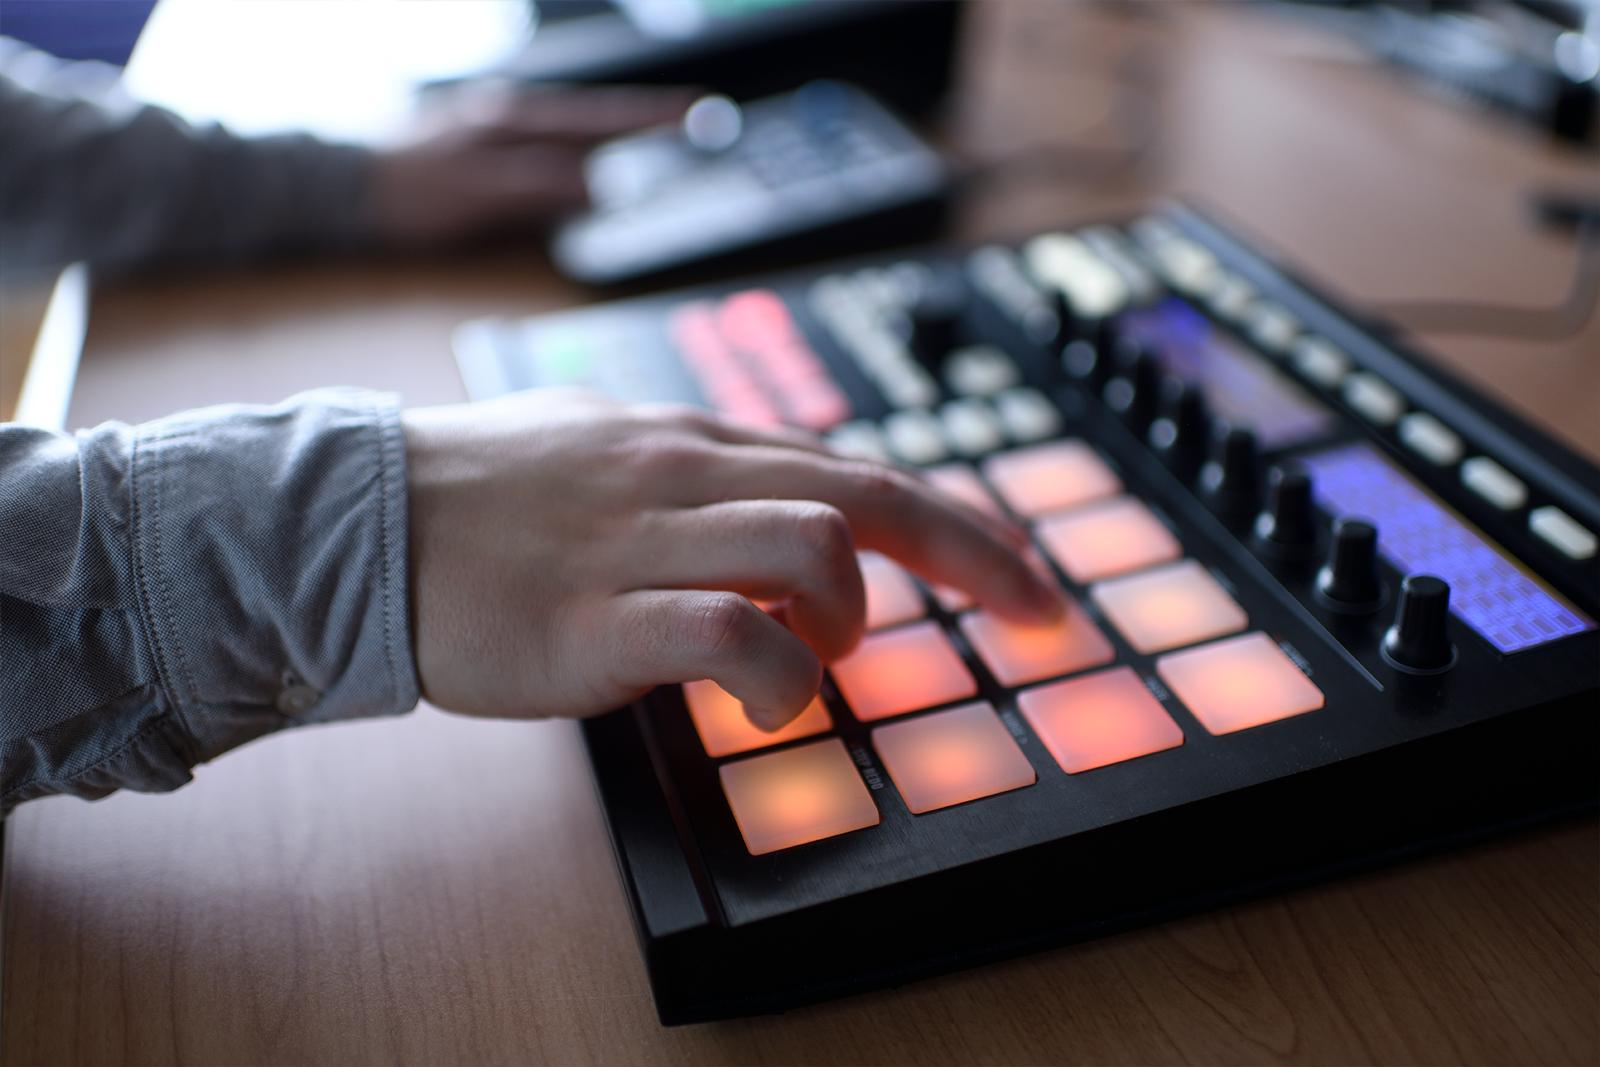 Producer Service